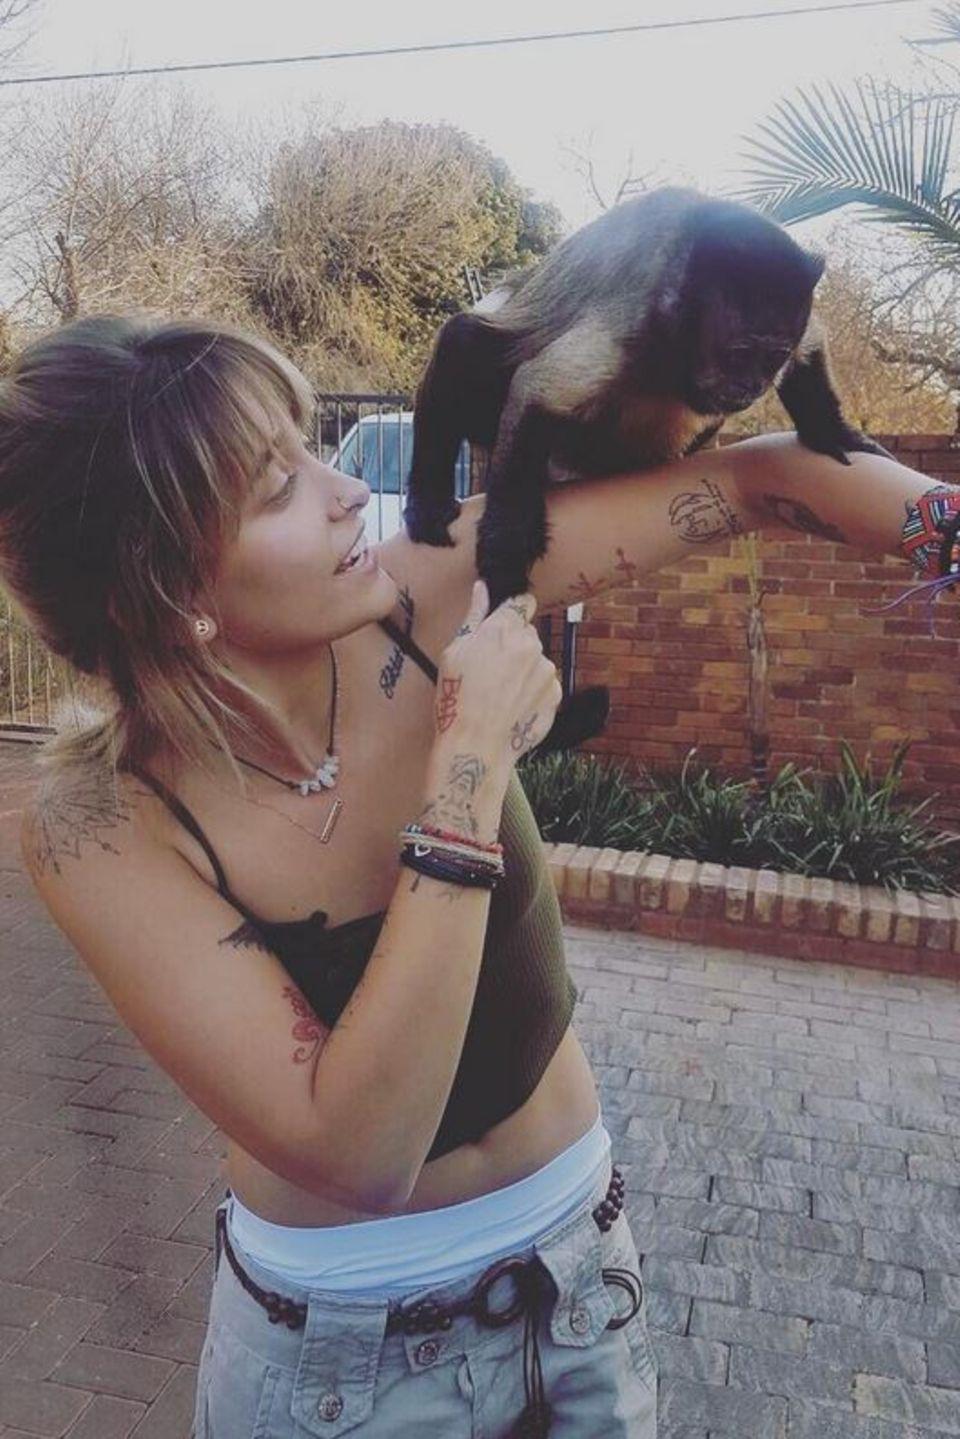 Ich glaub mich laust ein Affe: Paris Jackson freut sich über ihren tierischen Begleiter, der neugierig auf sie zukommt.